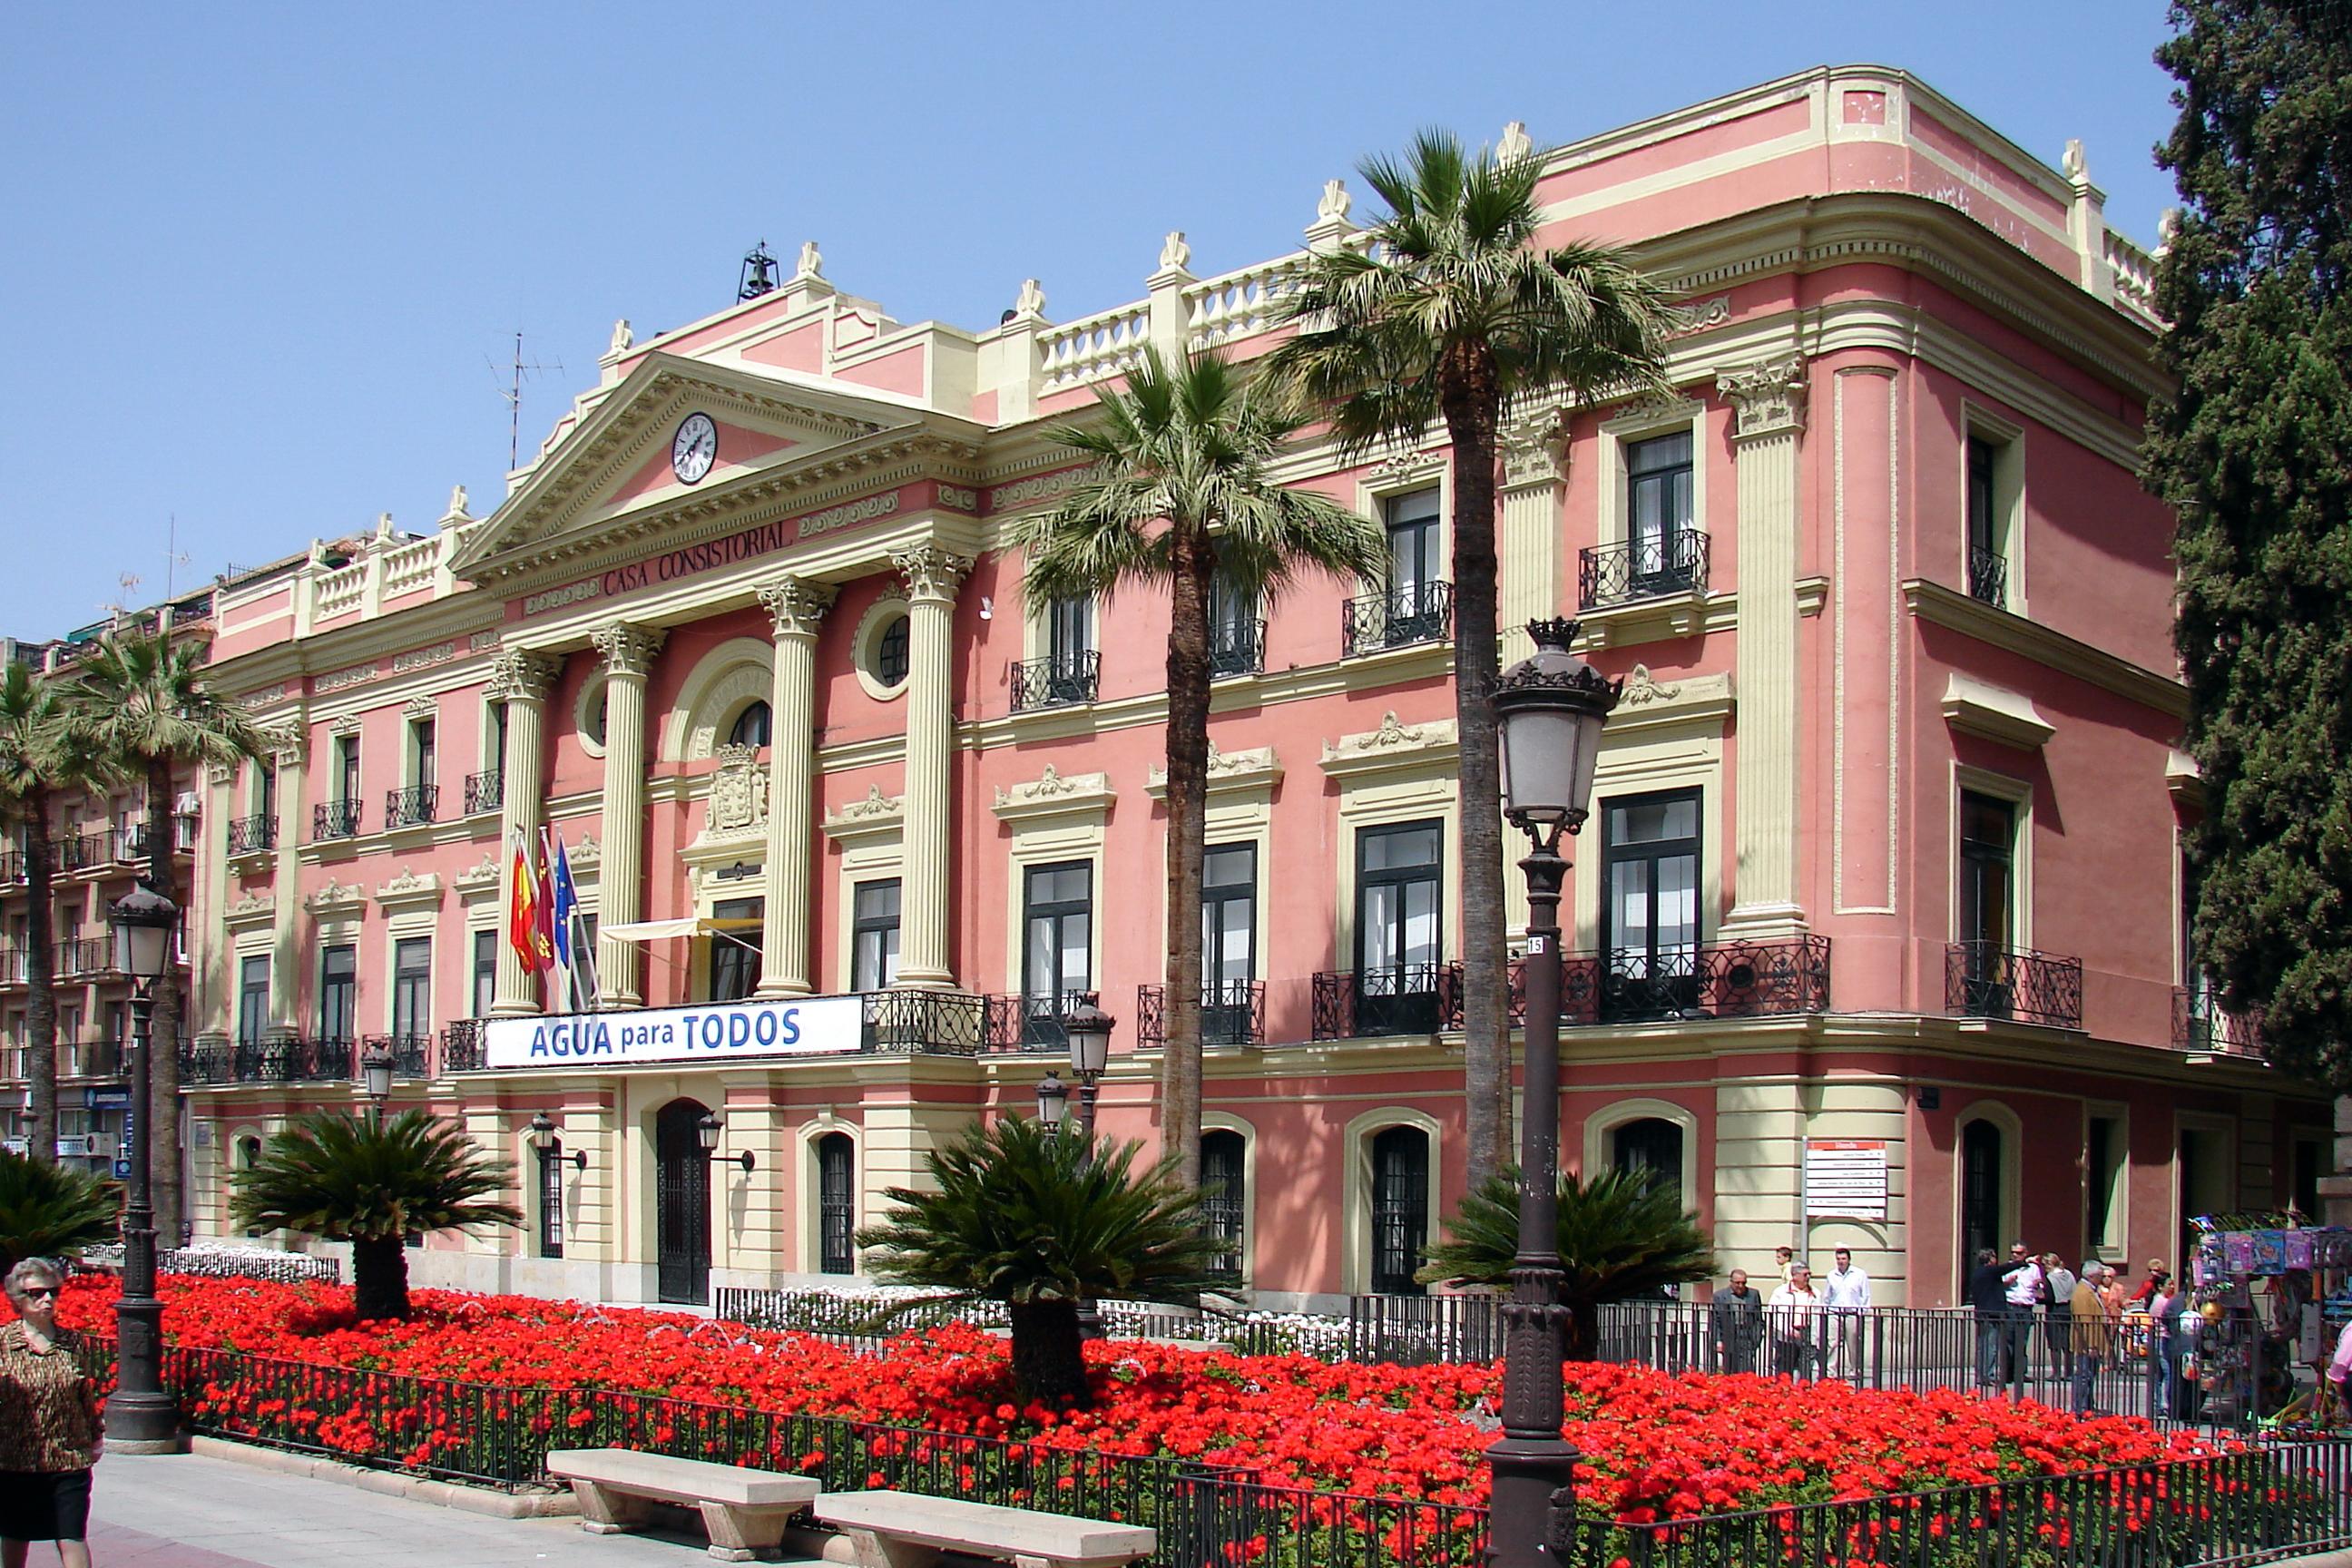 Archivo:Murcia Casa Consistorial 01.jpg - Wikipedia, la ...